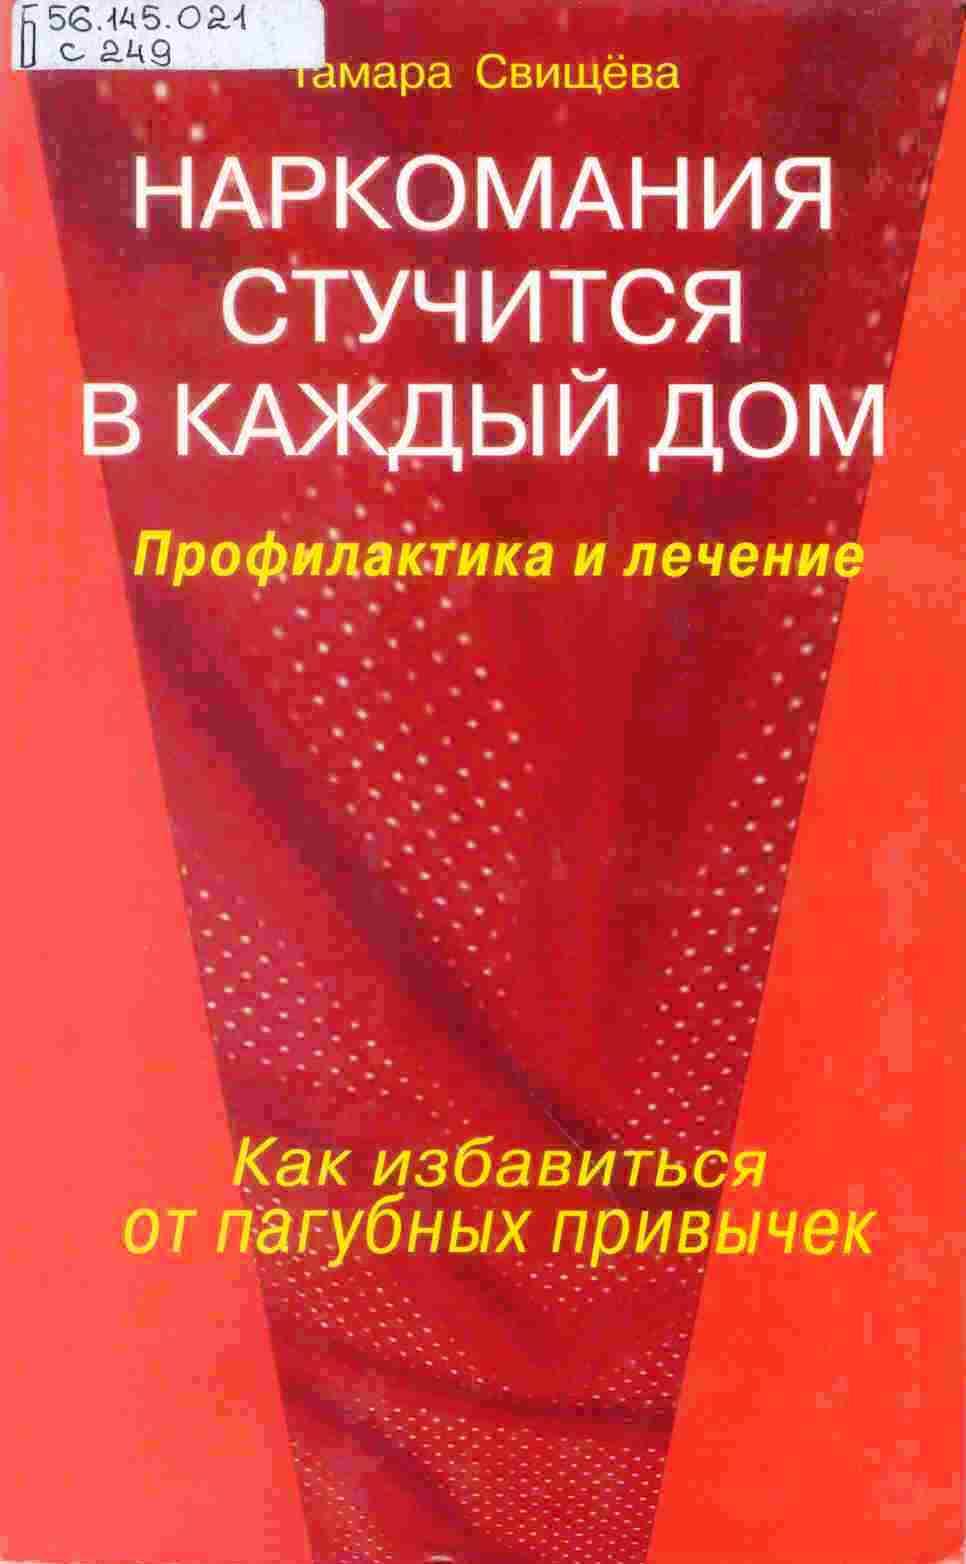 Алкоголизм в россии статистика на 2011 год